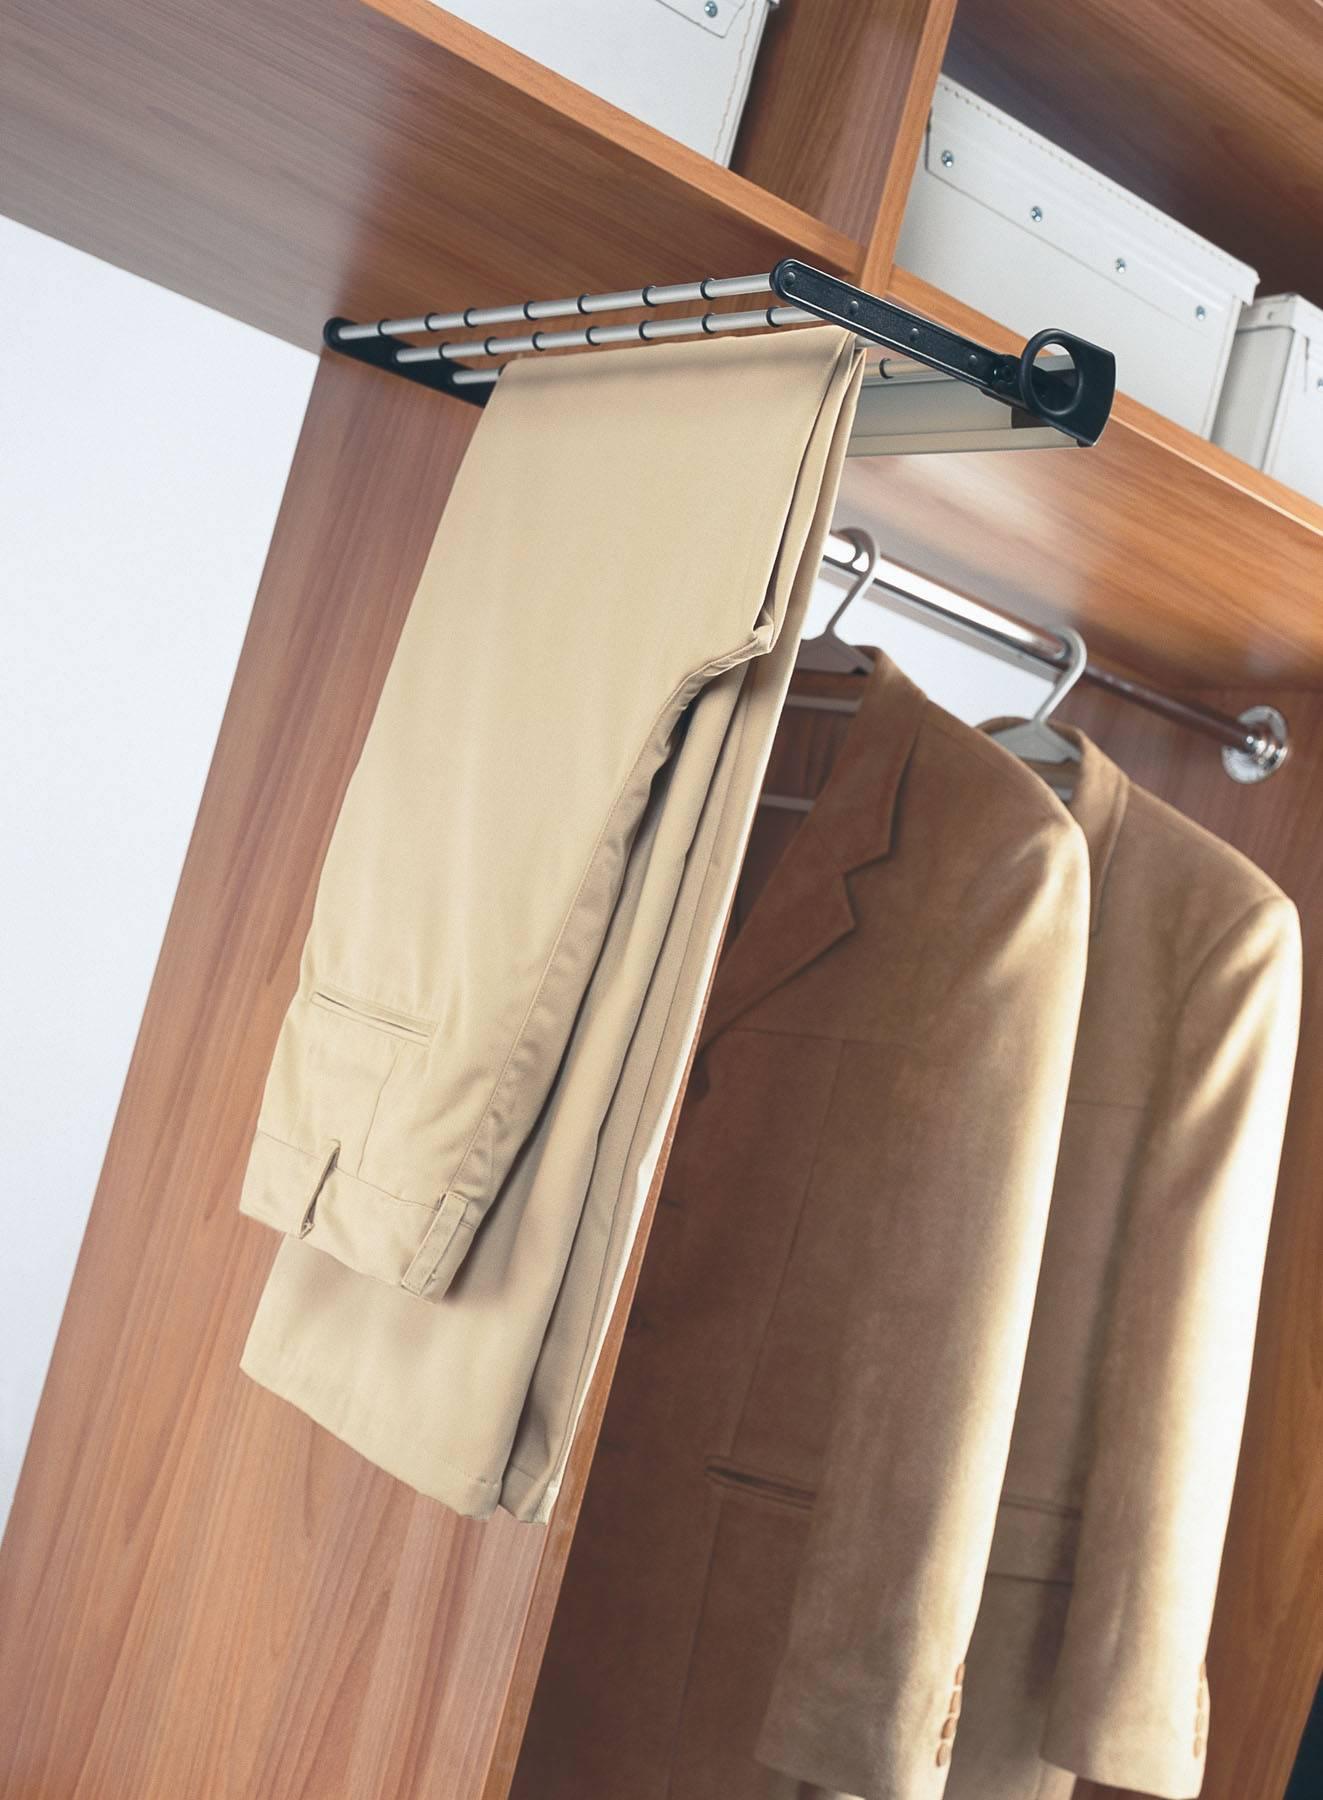 Выдвижной шкаф: 91 фото изготовления выдвижных ящиков и корзин